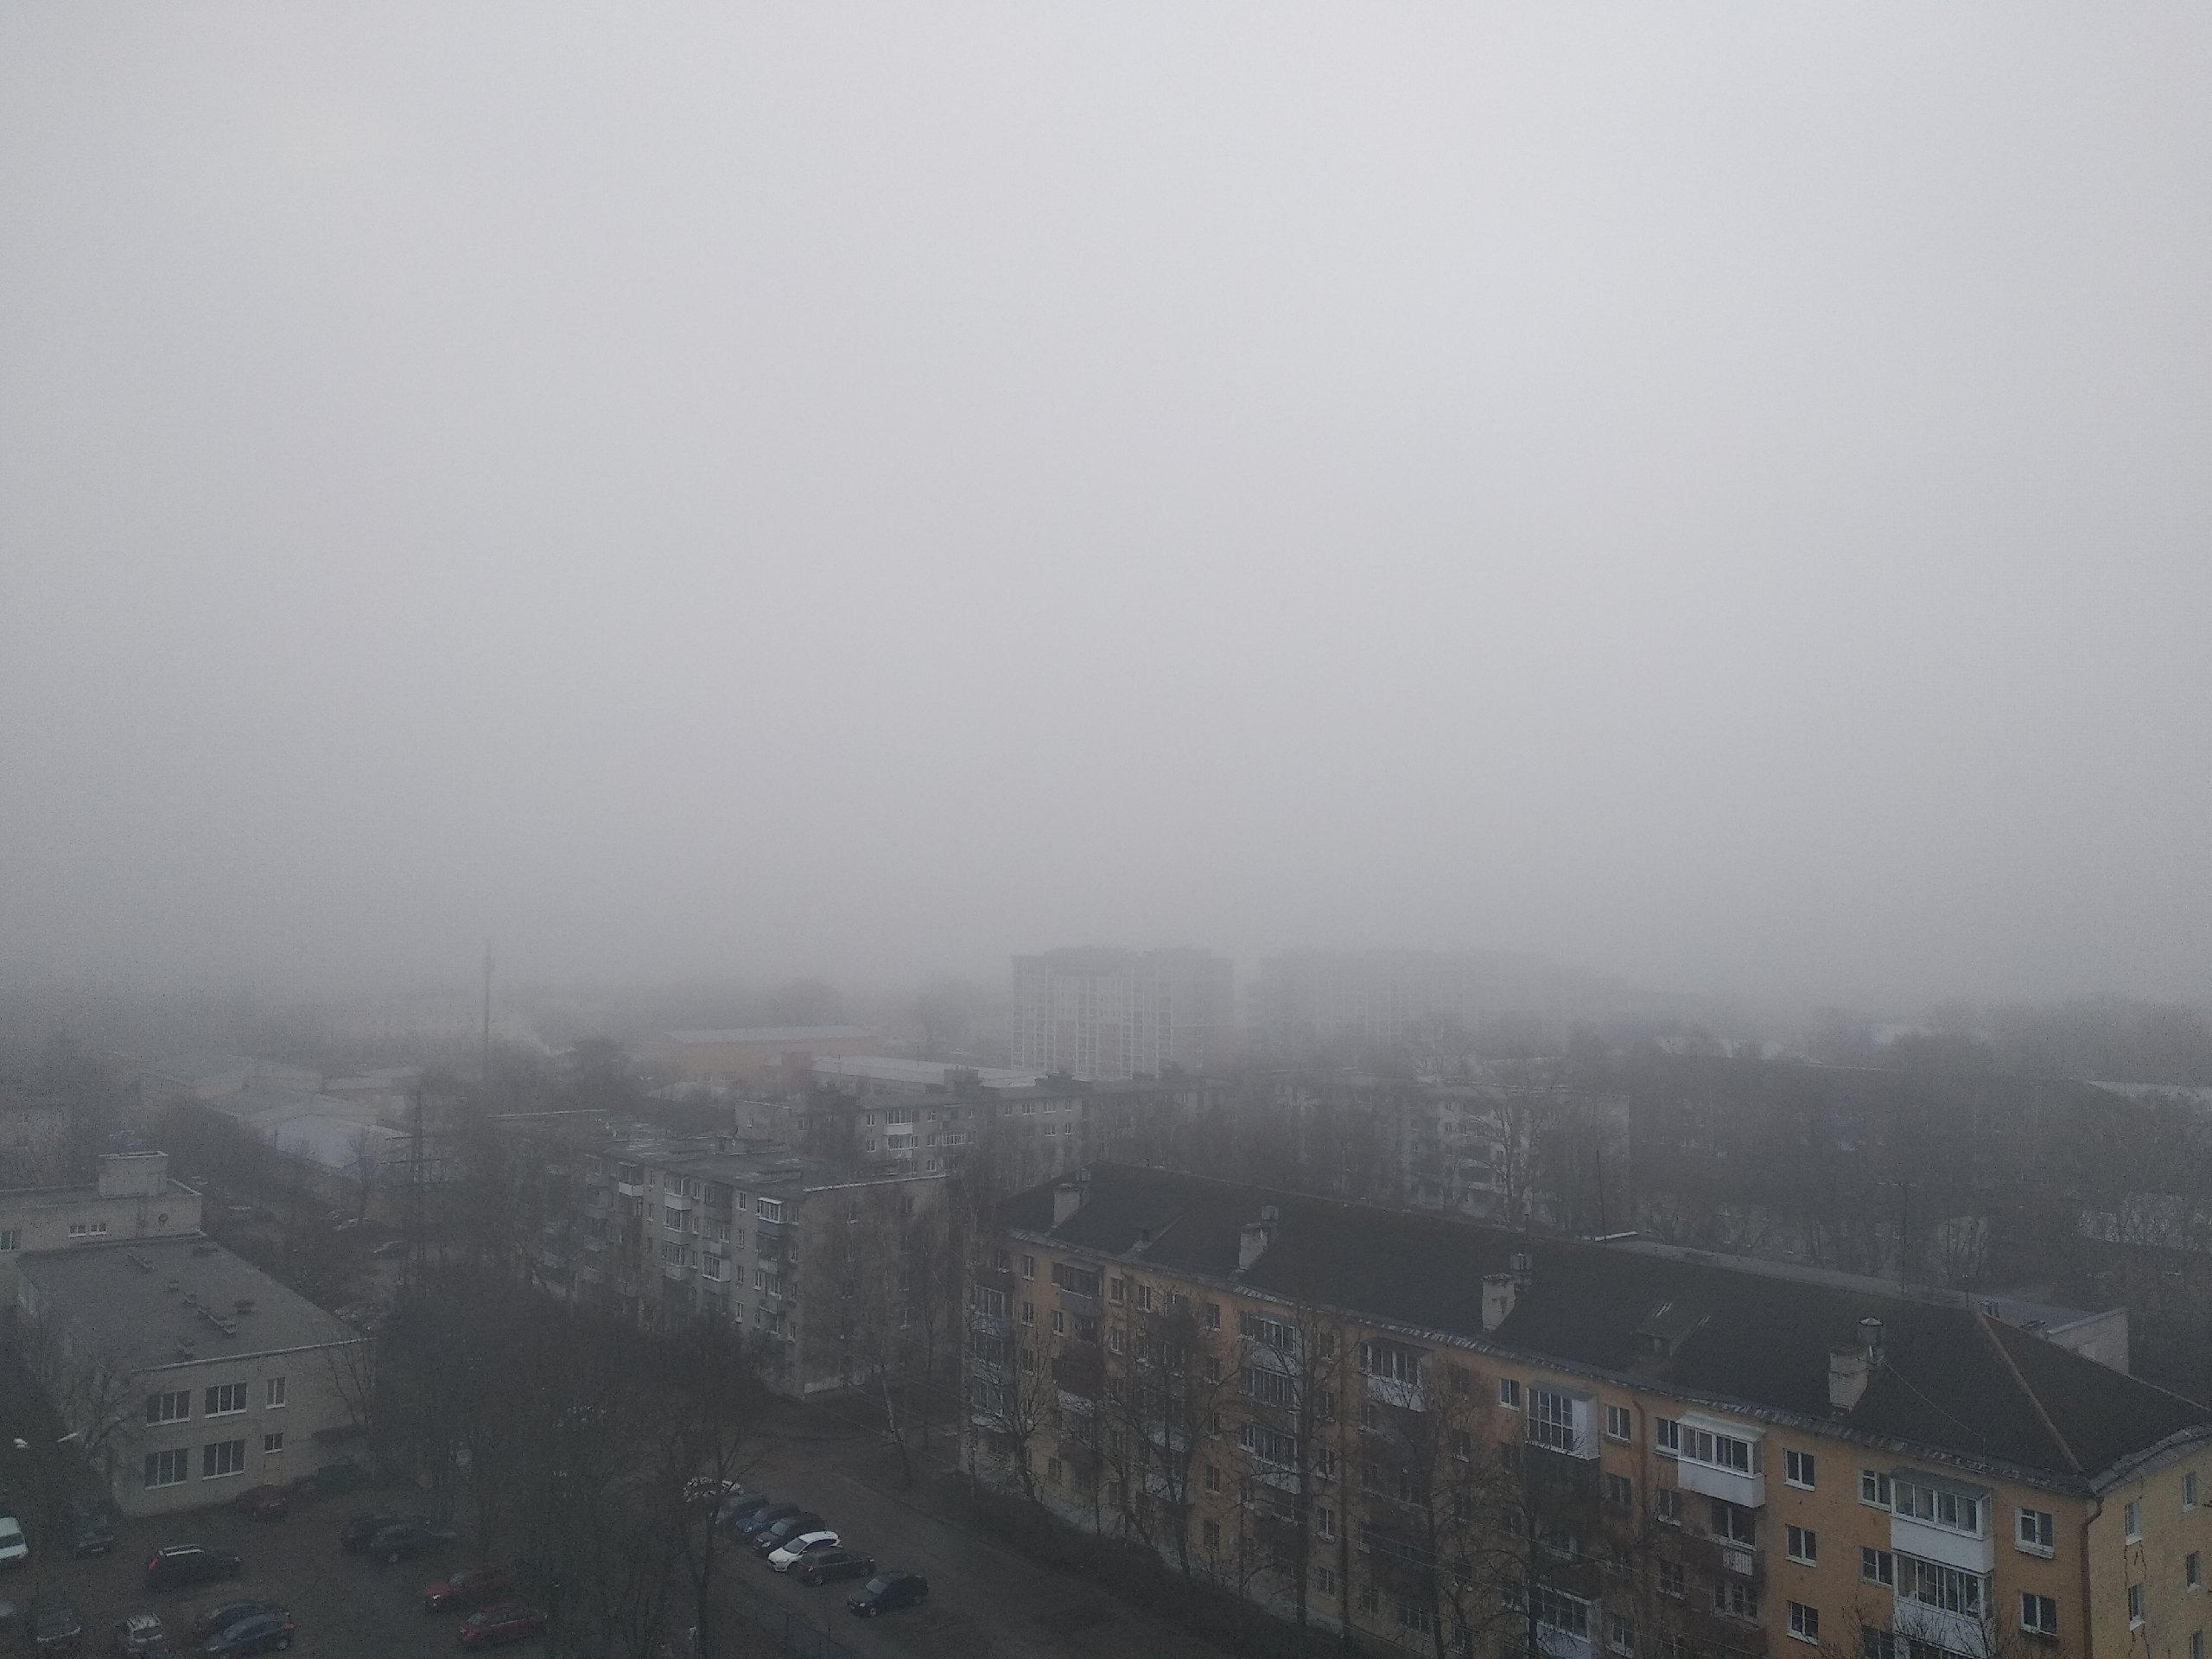 МЧС предупреждает о тумане в Тверской области